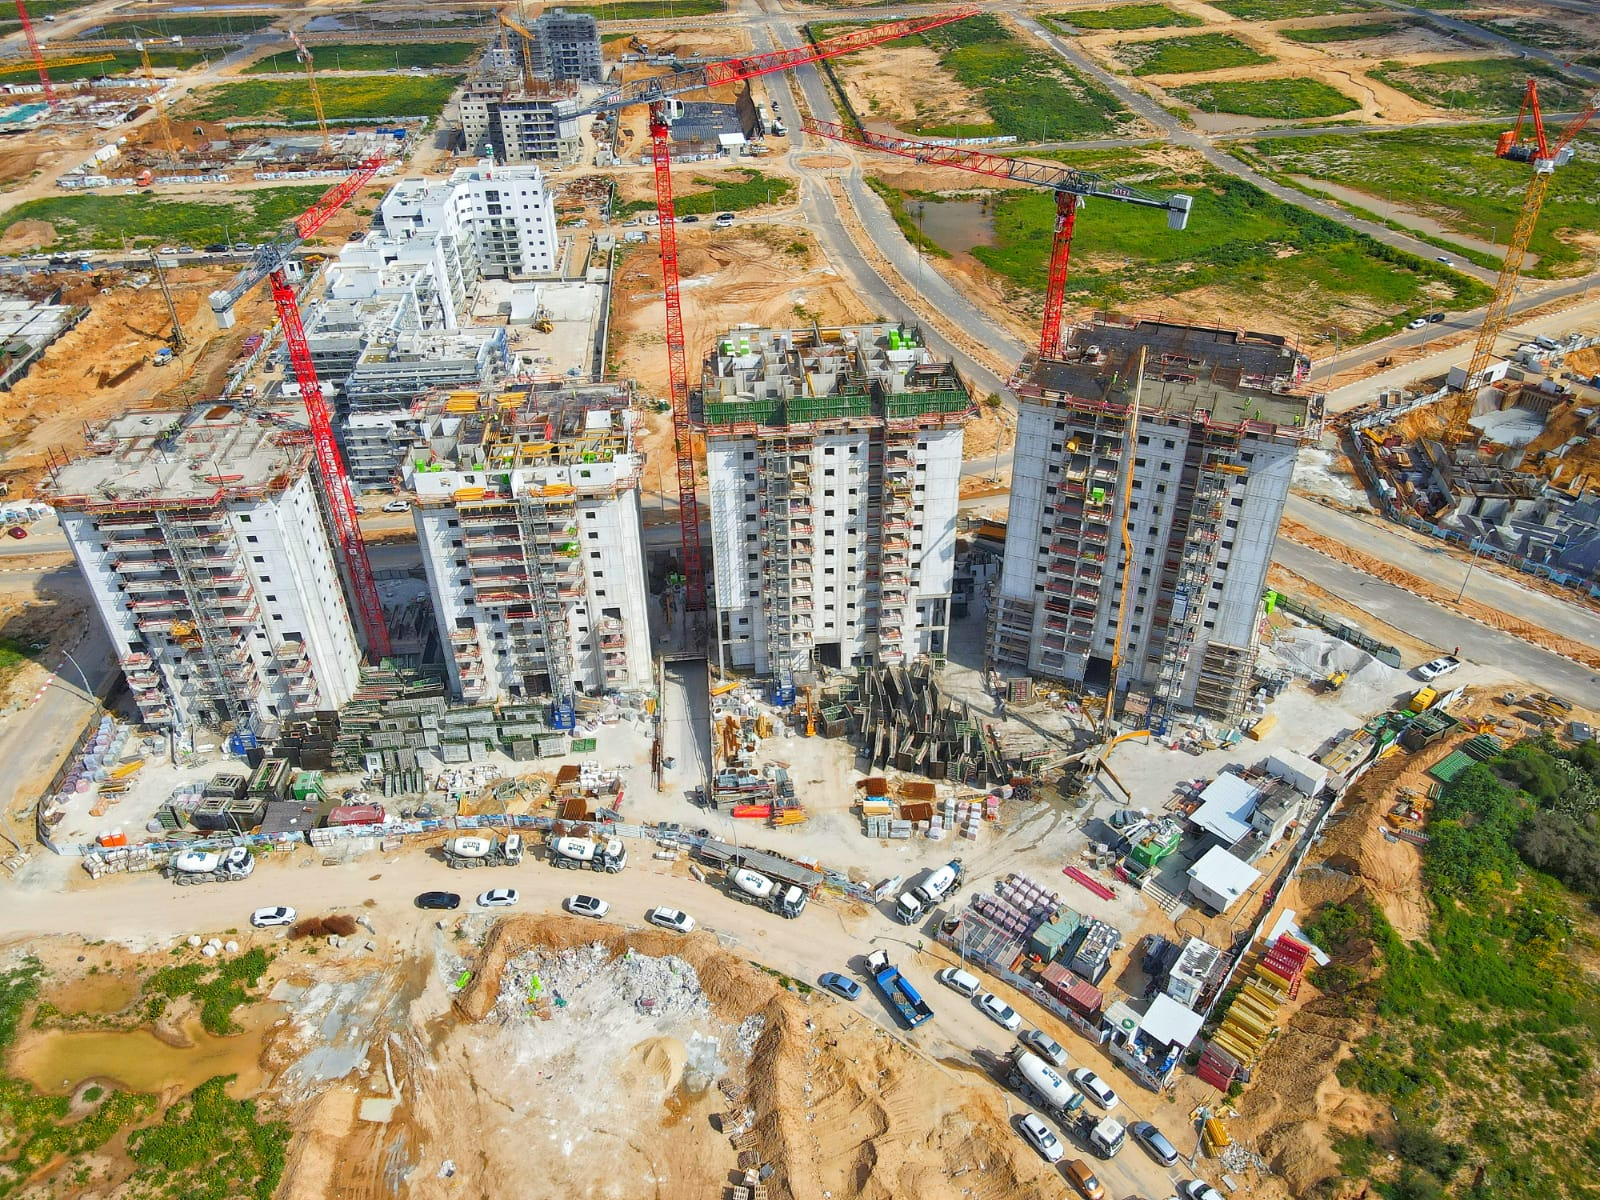 תמונה עילית של בניית עיר היין - אפגד , דירות חדשות למכירה באשקלון